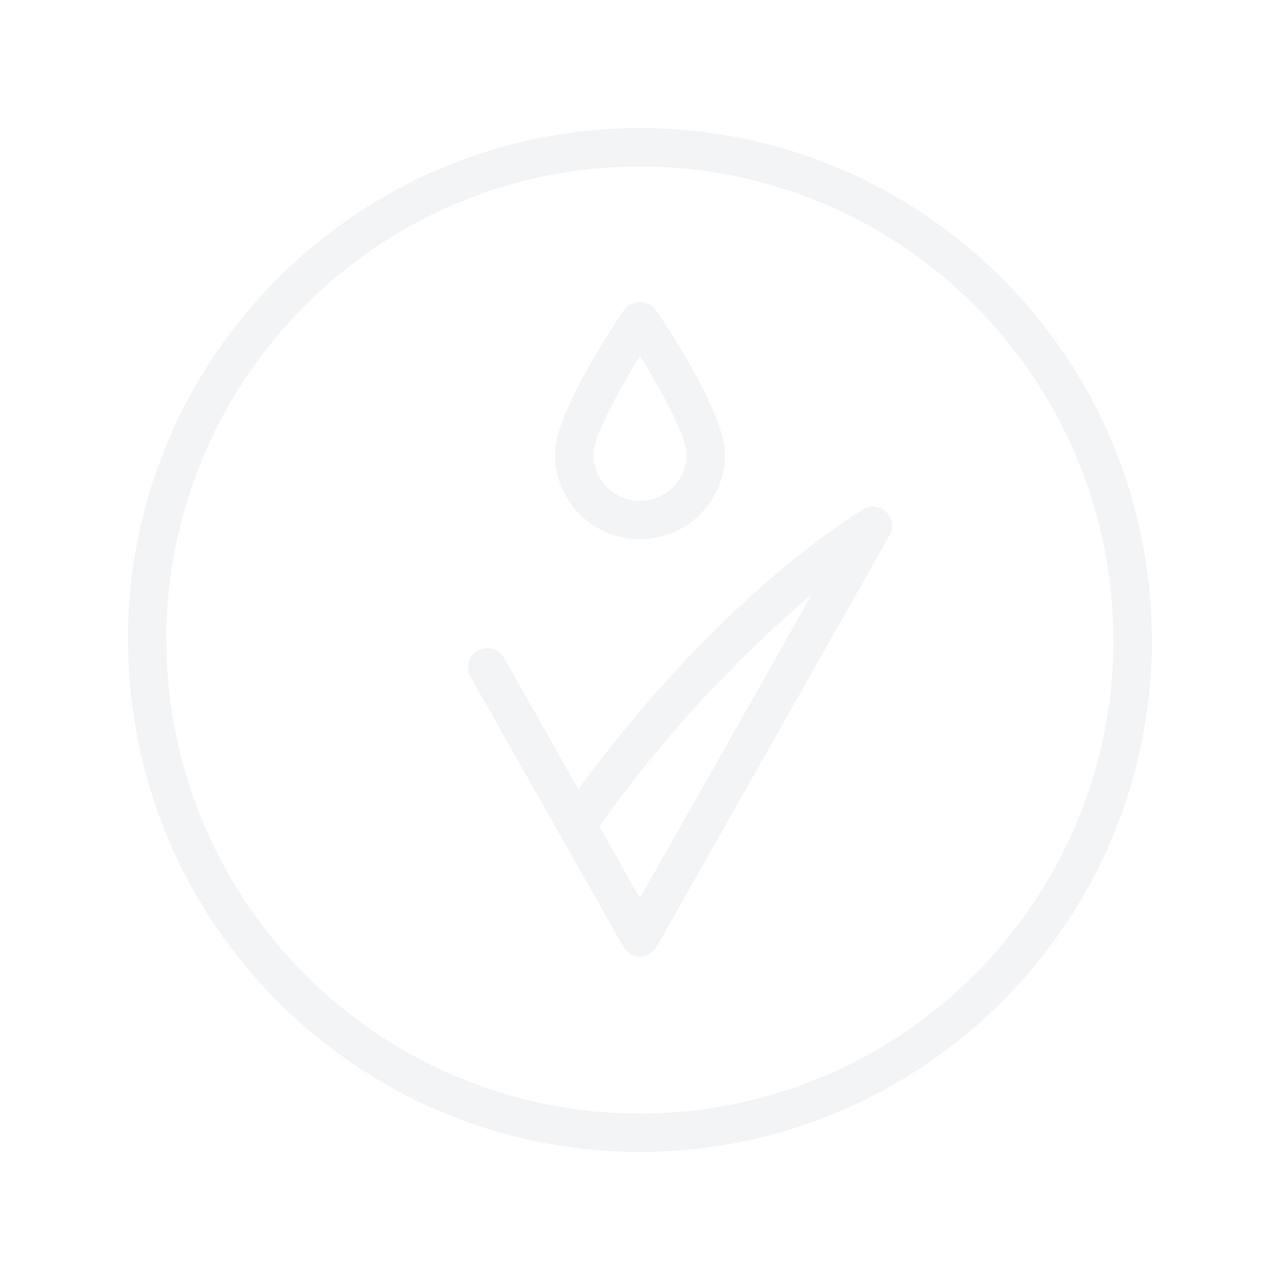 ANESI Lab Institute Cellular 3 Renewal Cream 50ml